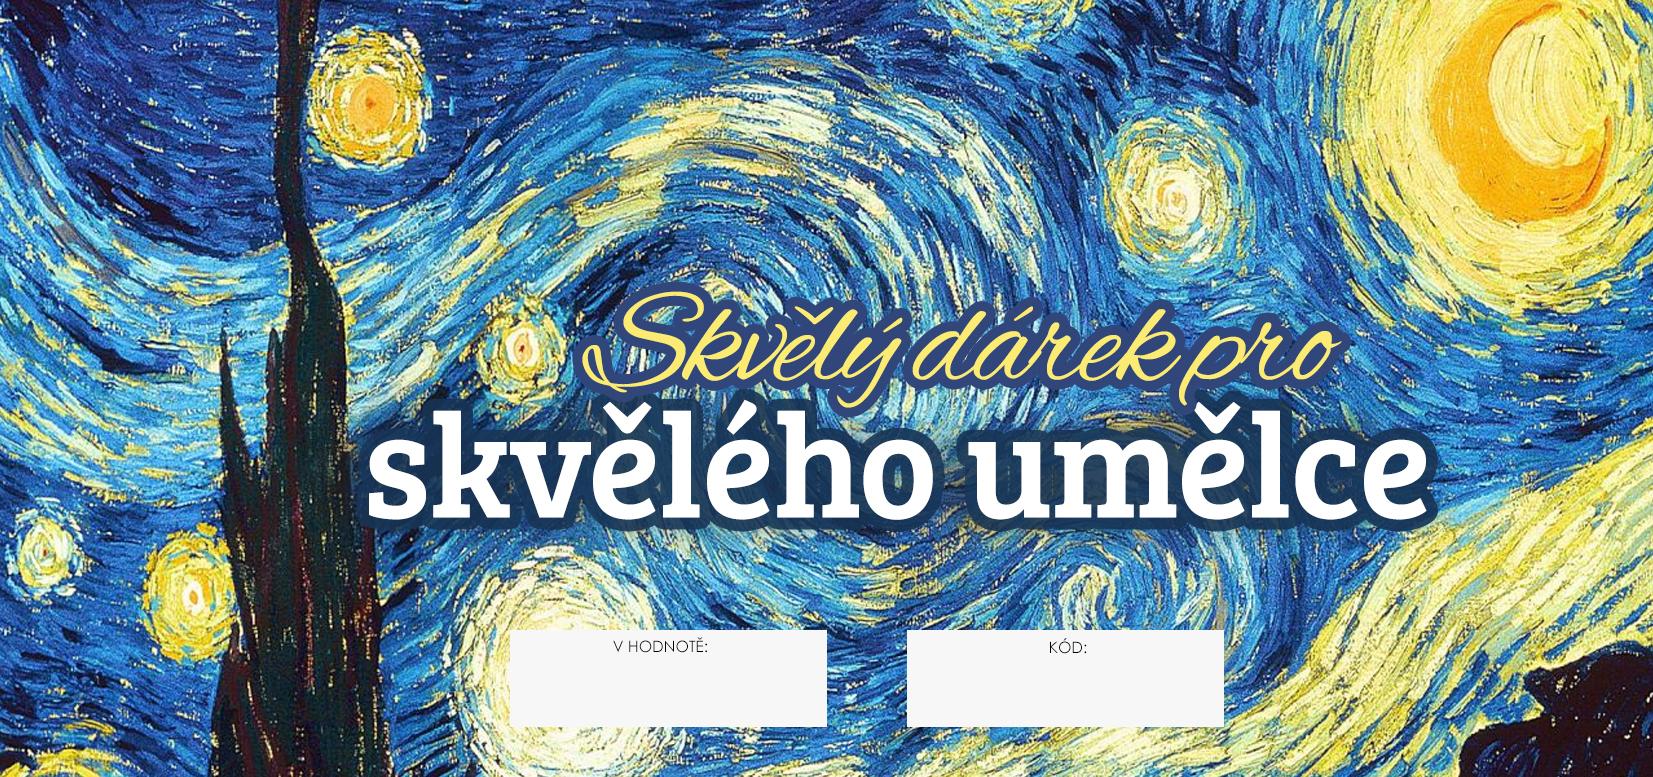 Image of Dárkový POUKAZ - Skvělý dárek pro skvělého umělce